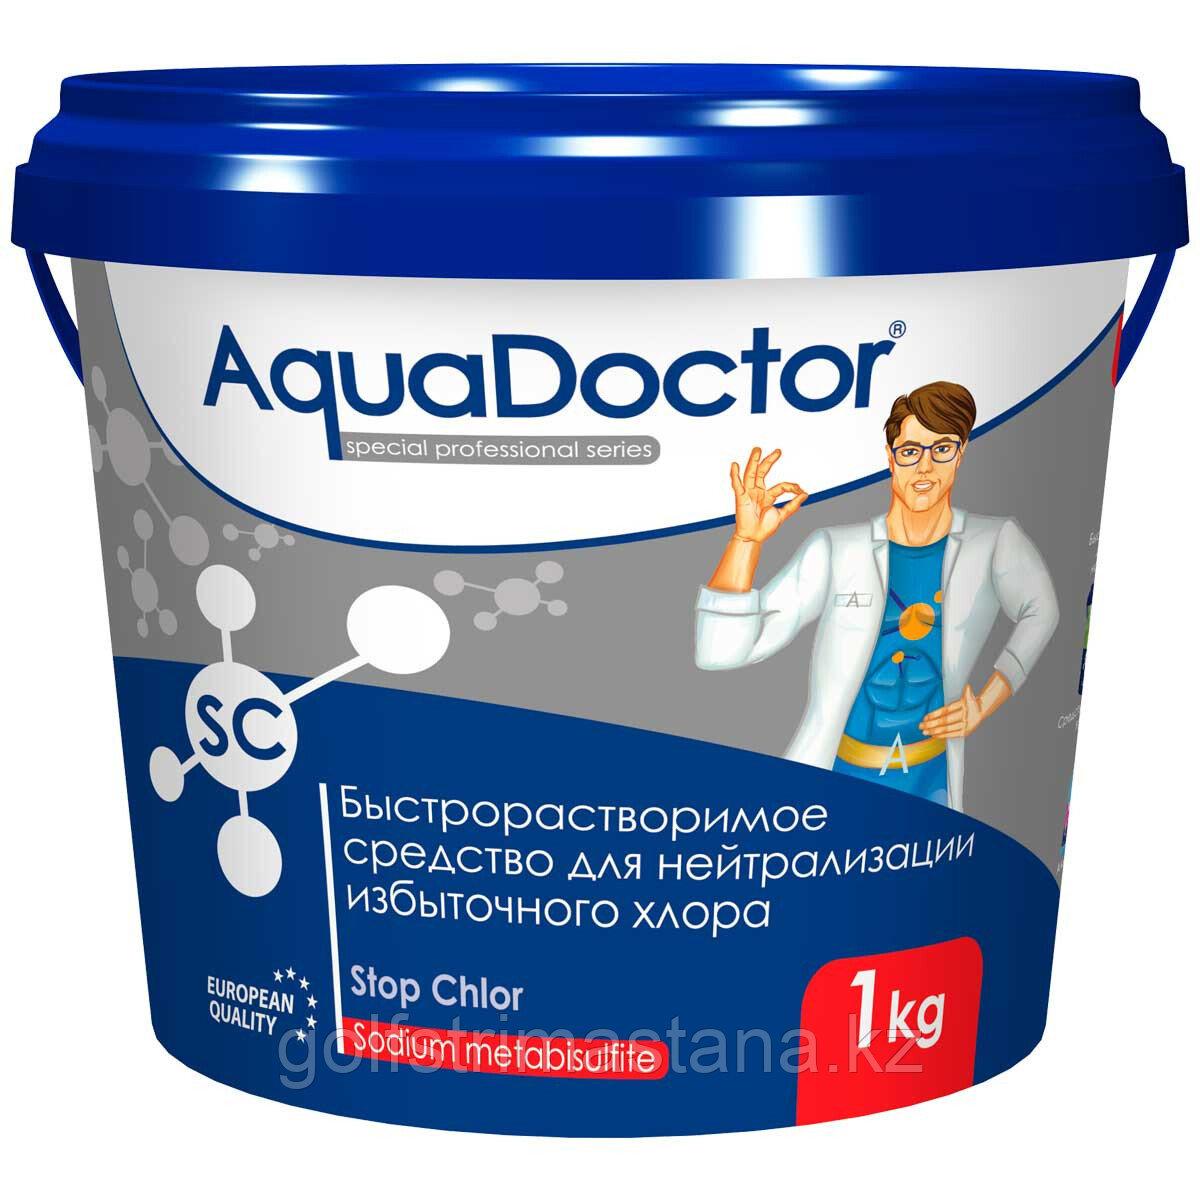 Средство для нейтрализации избыточного хлора AquaDoctor SC Stop Chlor, 5 кг